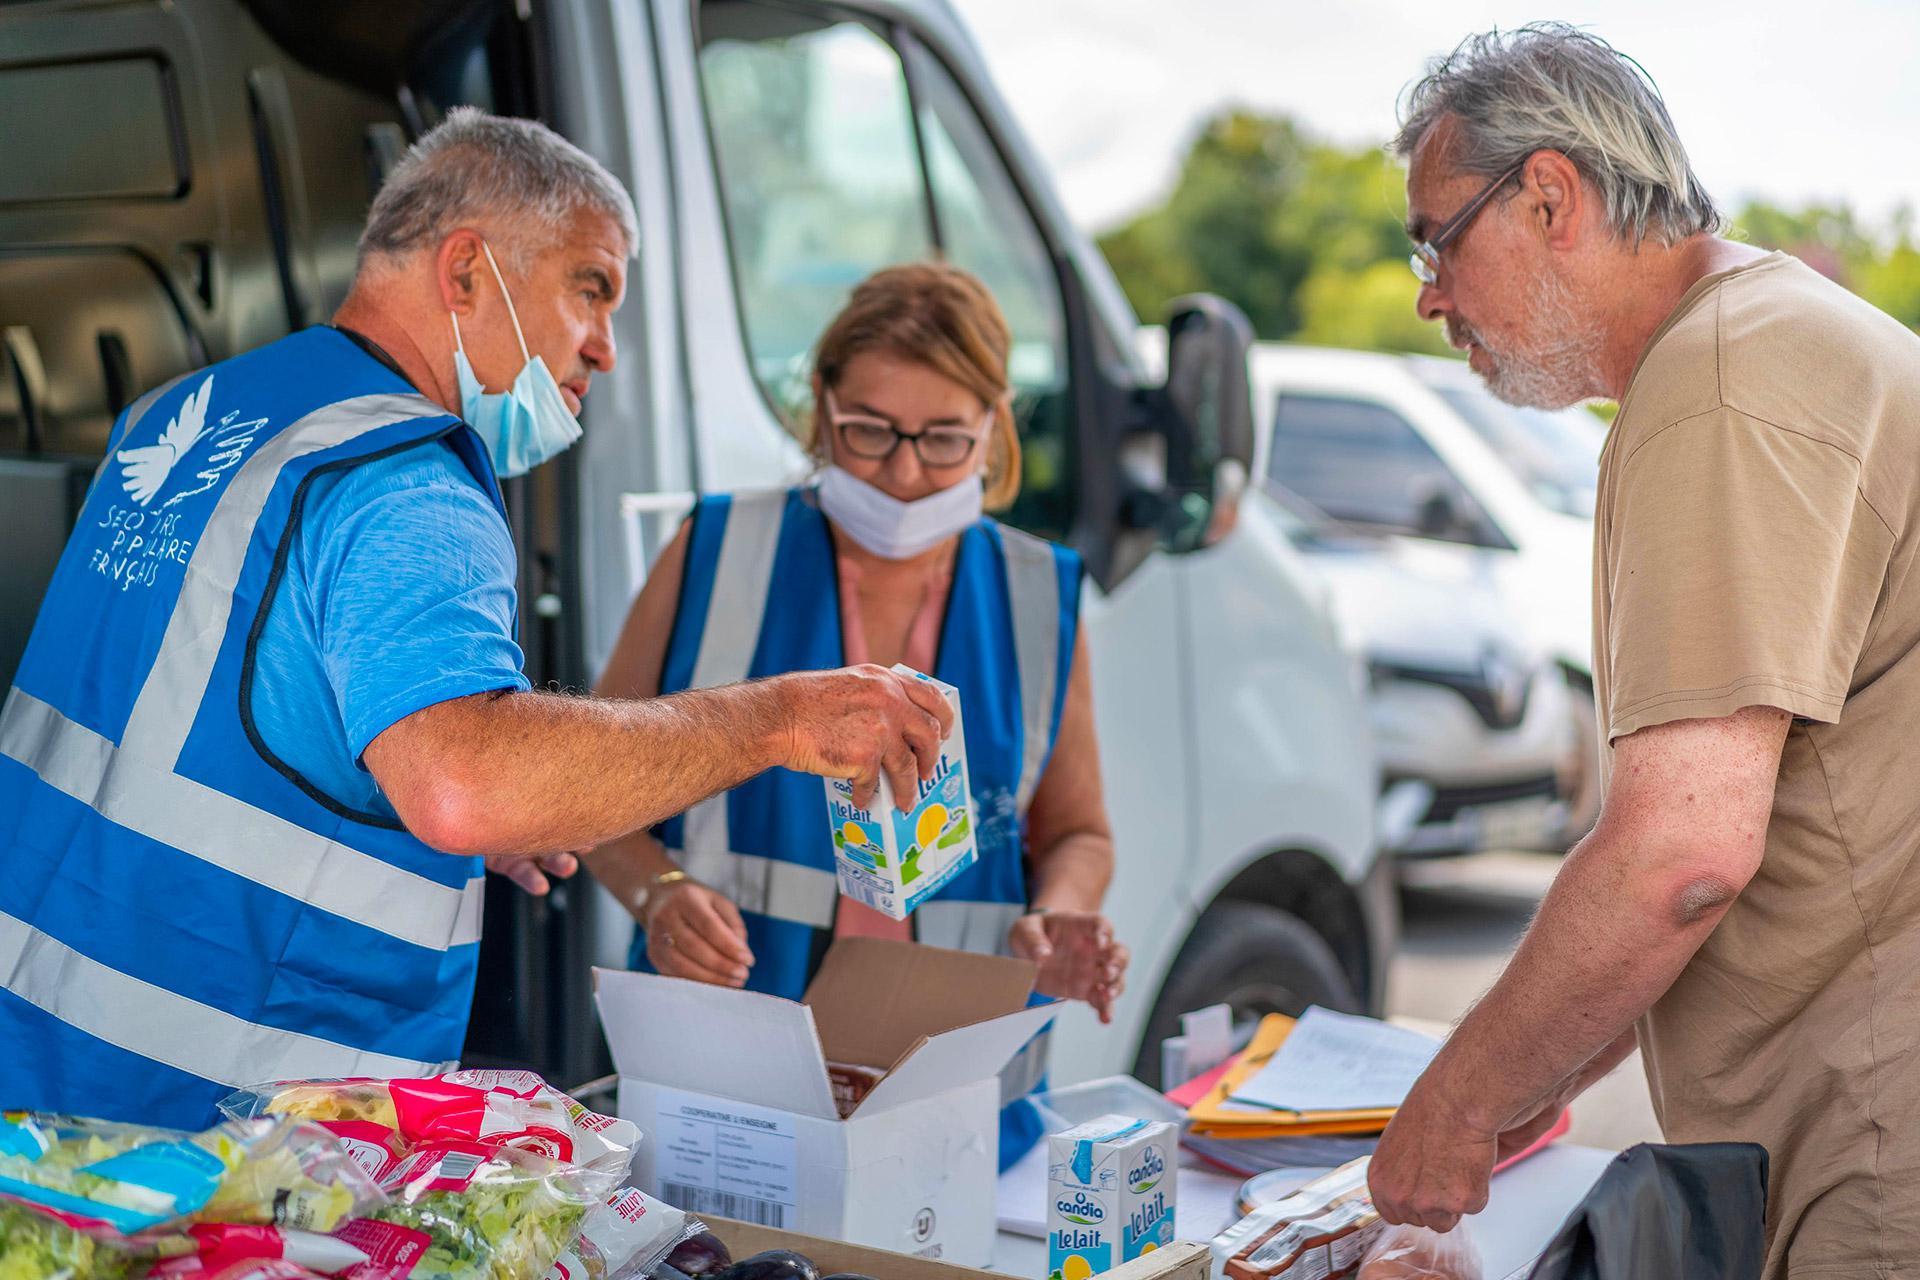 Les bénévoles de Périgueux apportent très régulièrement de l'aide alimentaire à une trentaine de familles de Sarlat, frappées par la crise. Hervé, lui, vient après une baisse des aides sociales.